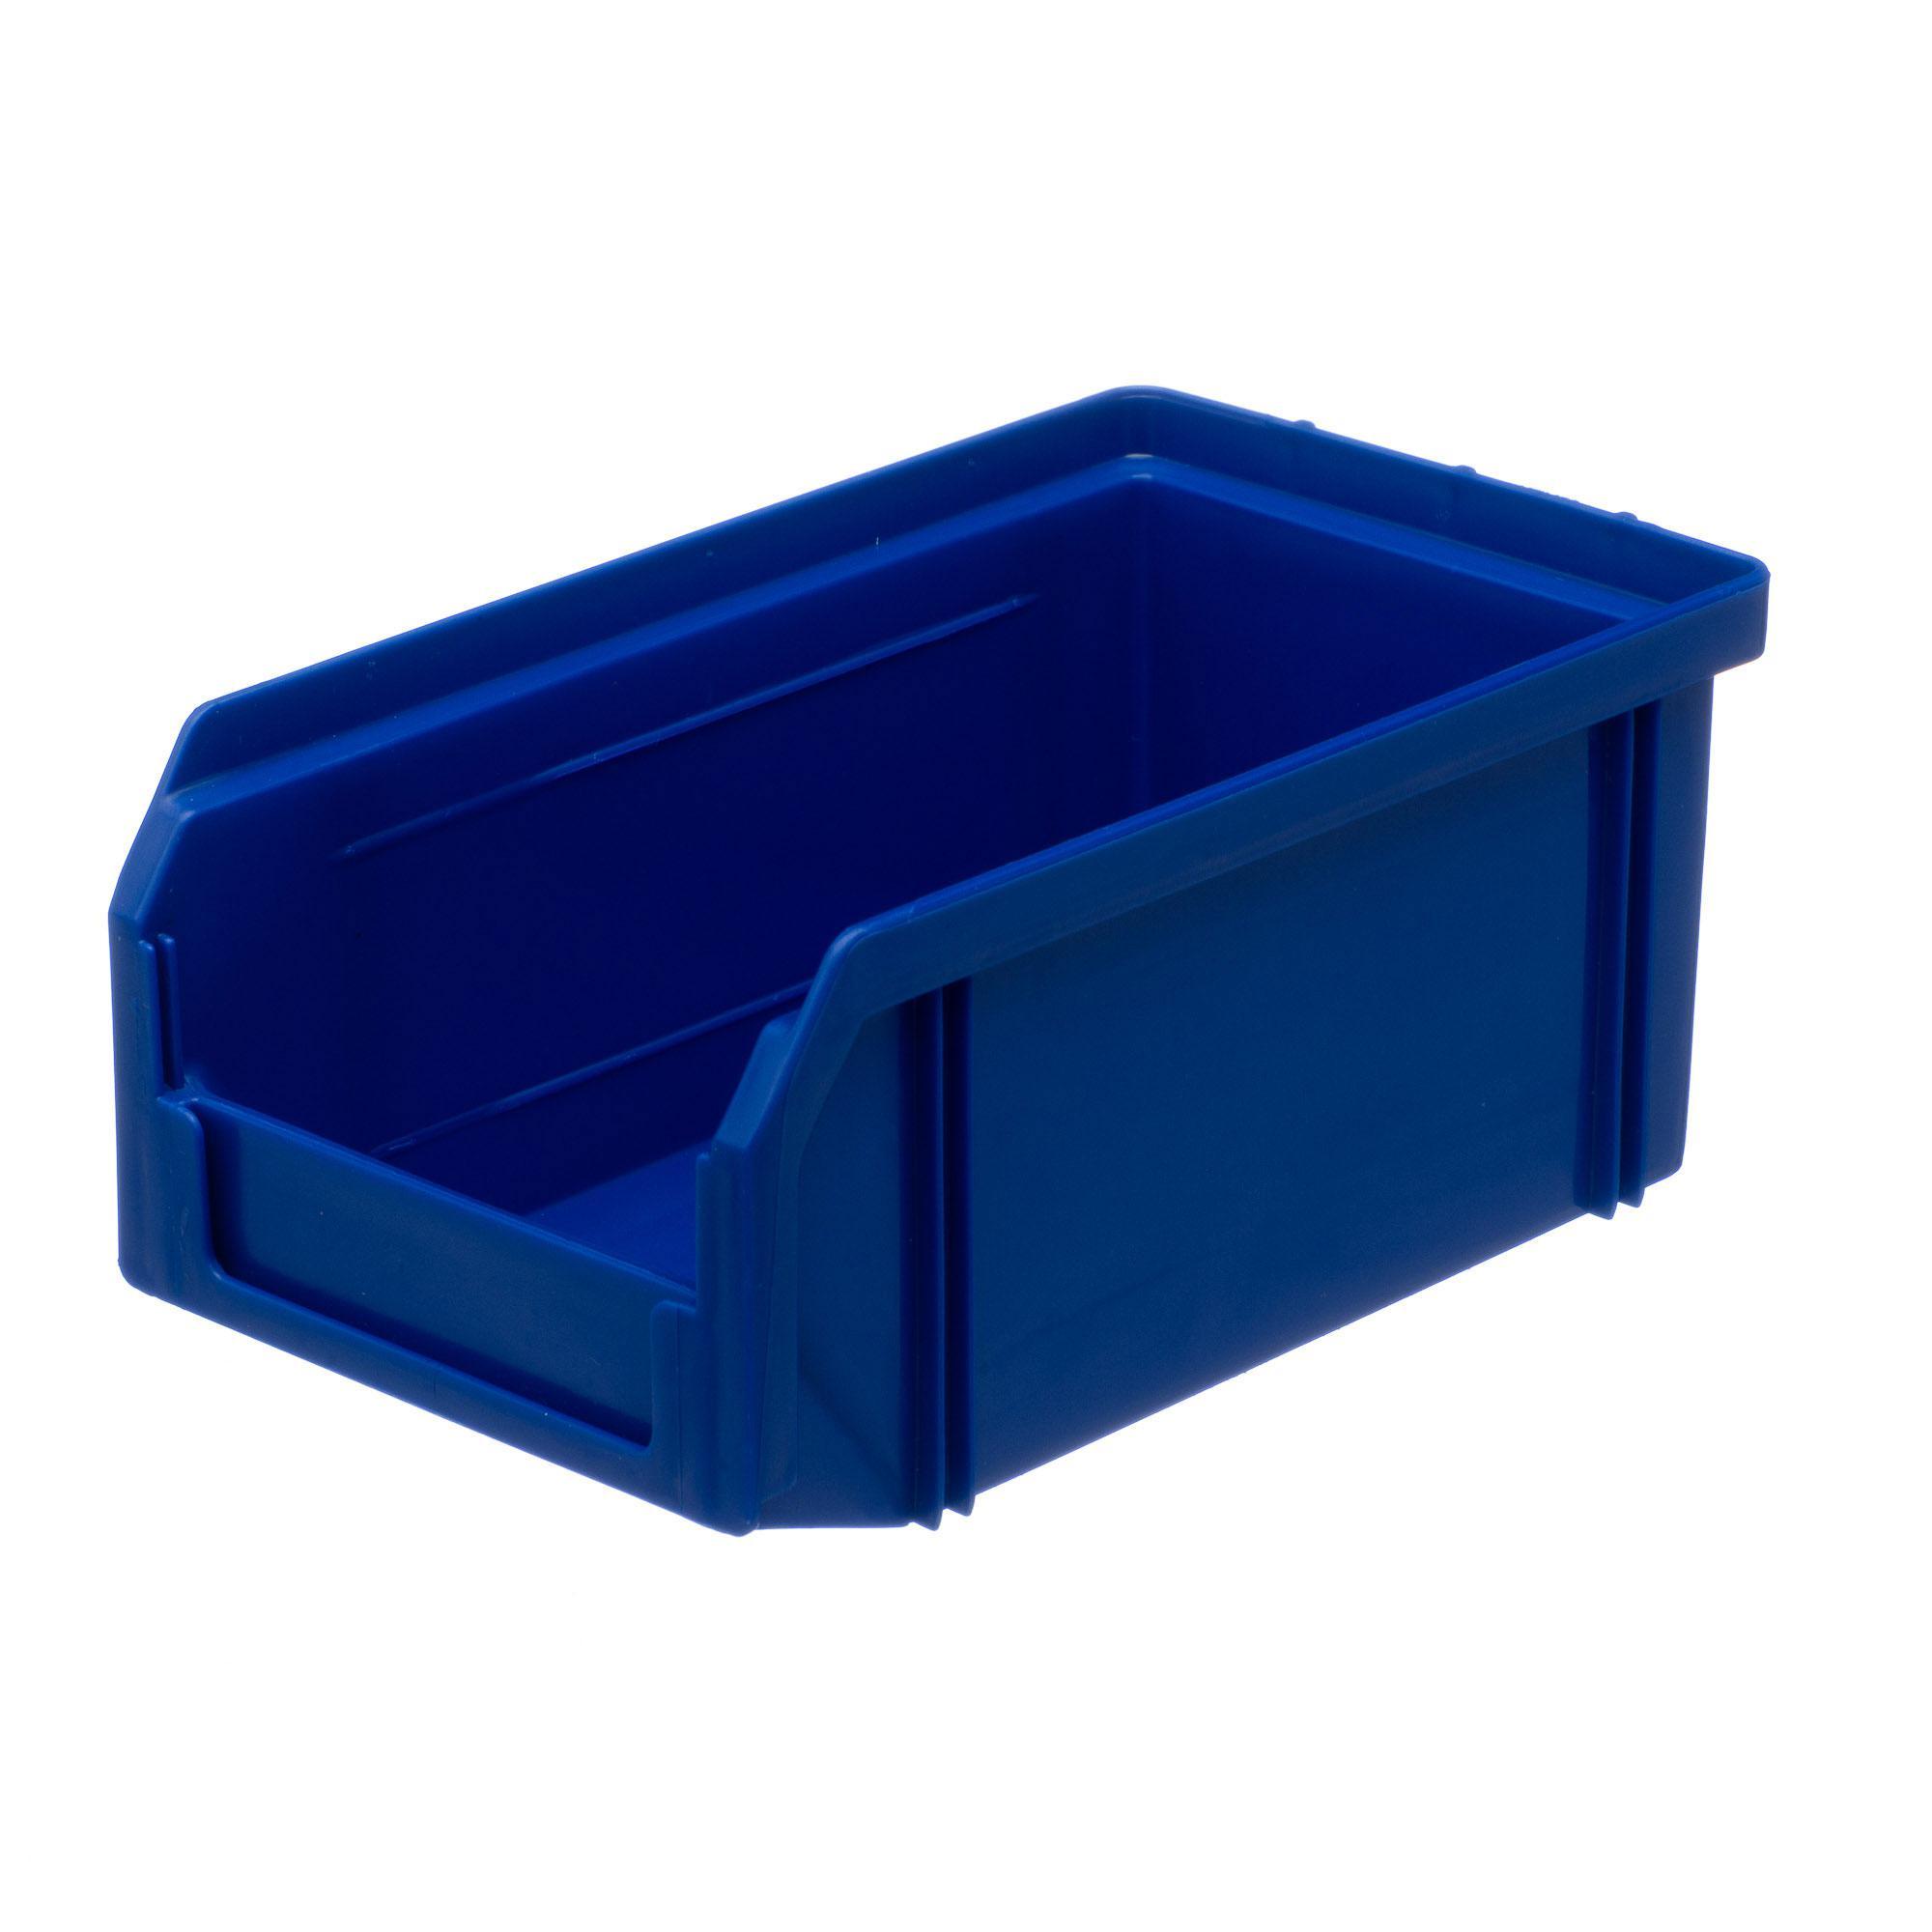 Ящик СТЕЛЛА V-1 синий цена